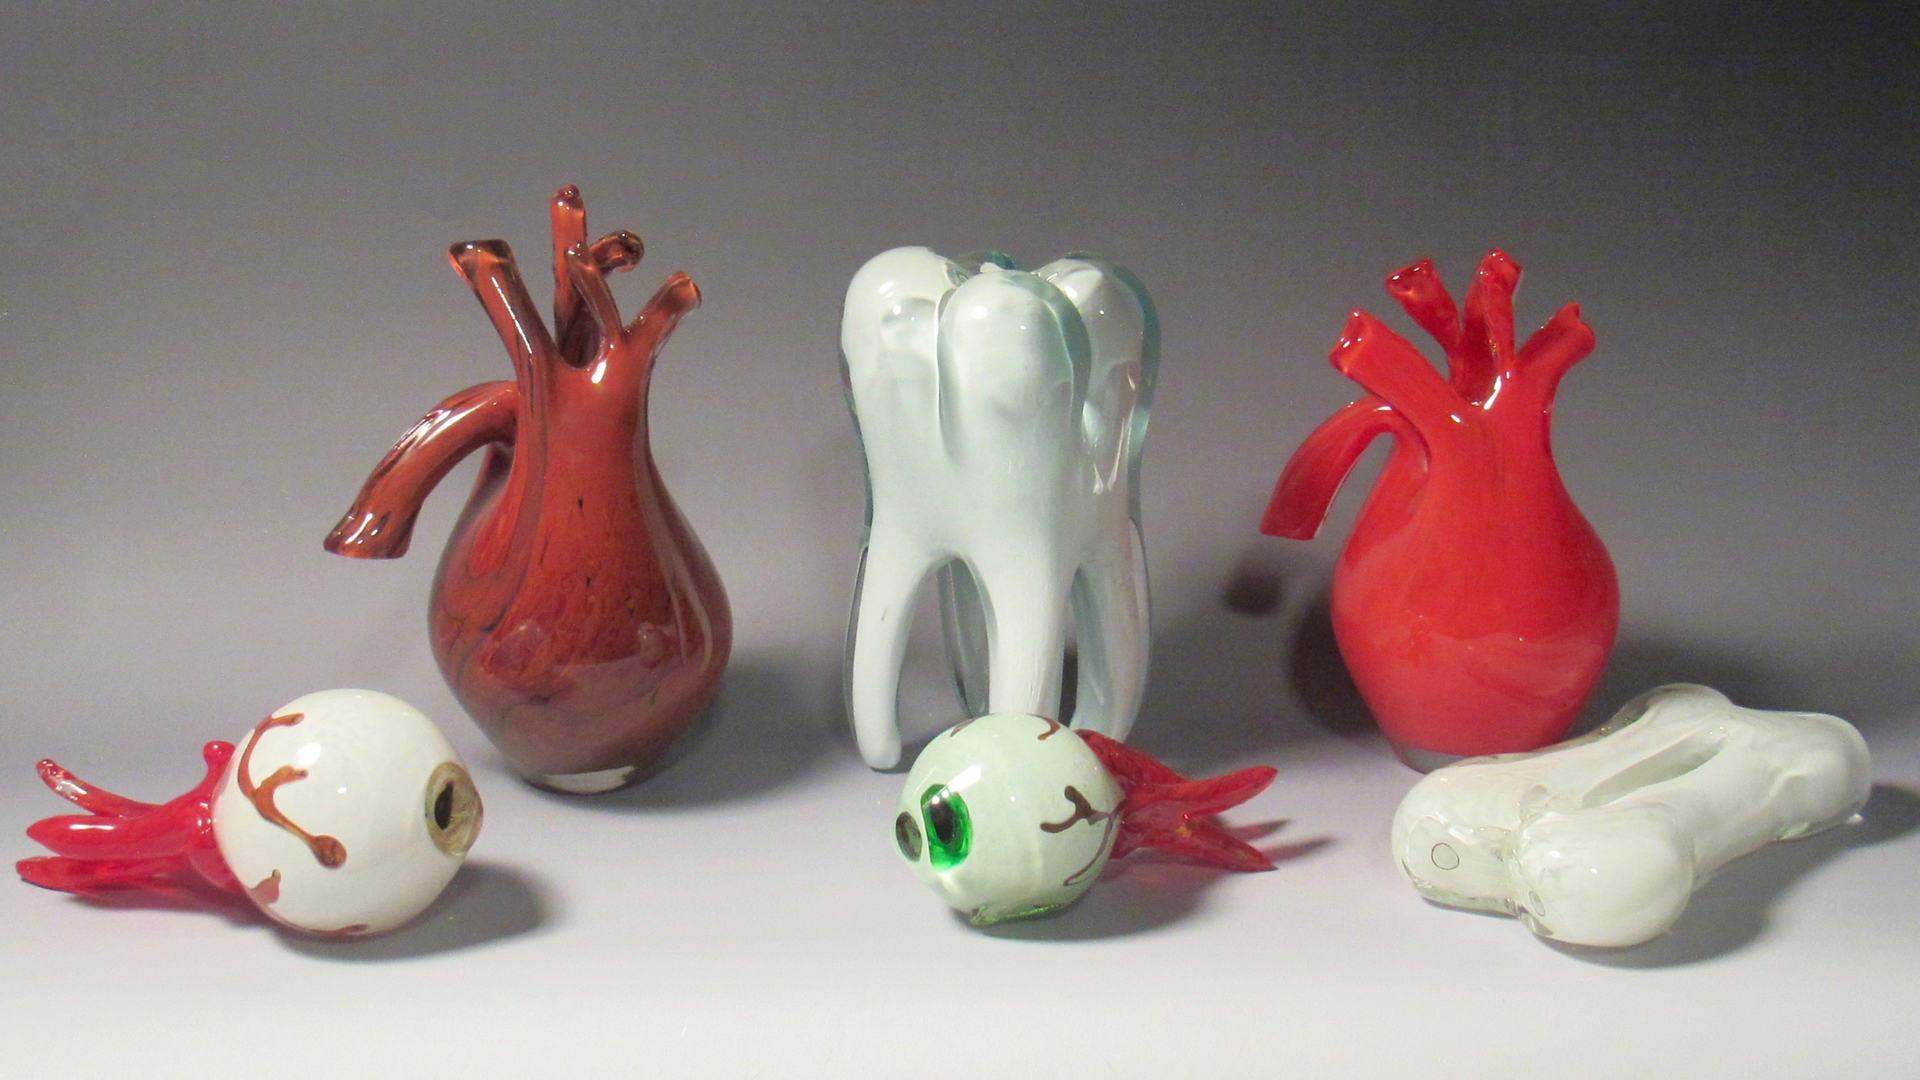 Blown Glass Anatomy Sculpture